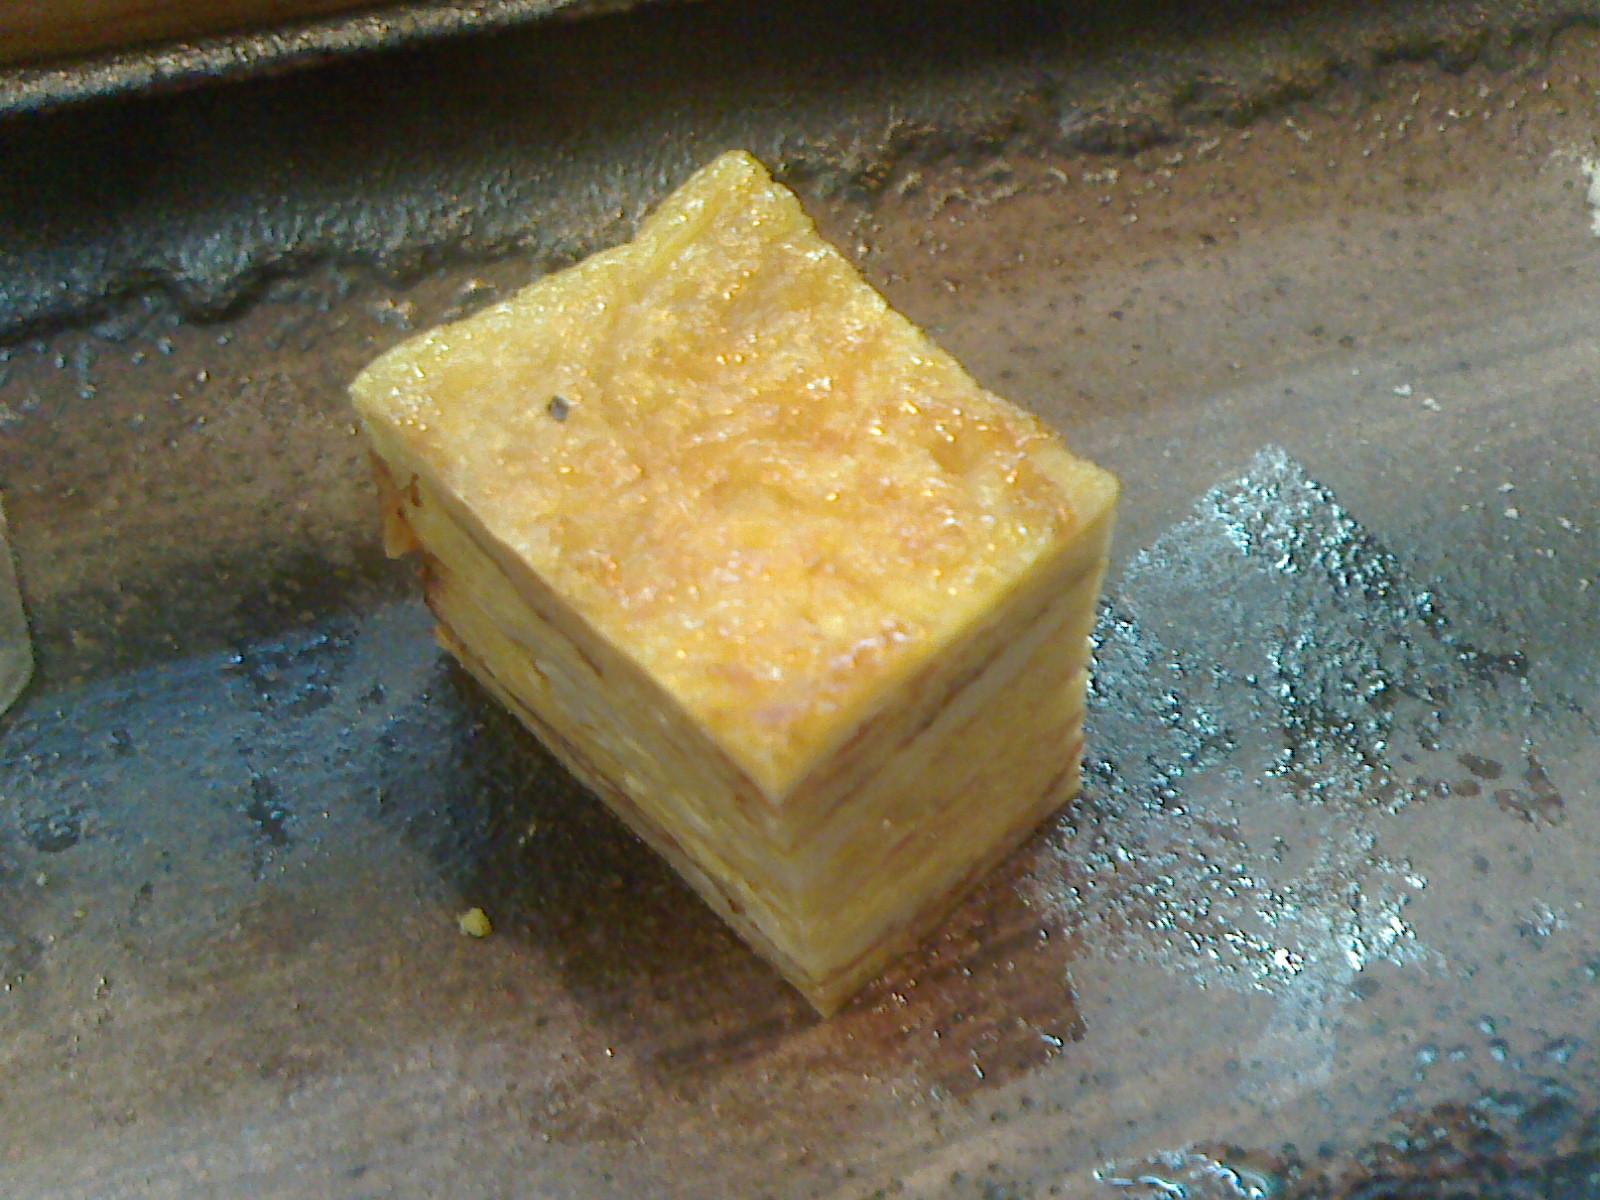 千葉でとても美味しいお寿司をお腹いっぱいいただきました。_c0225997_11393982.jpg